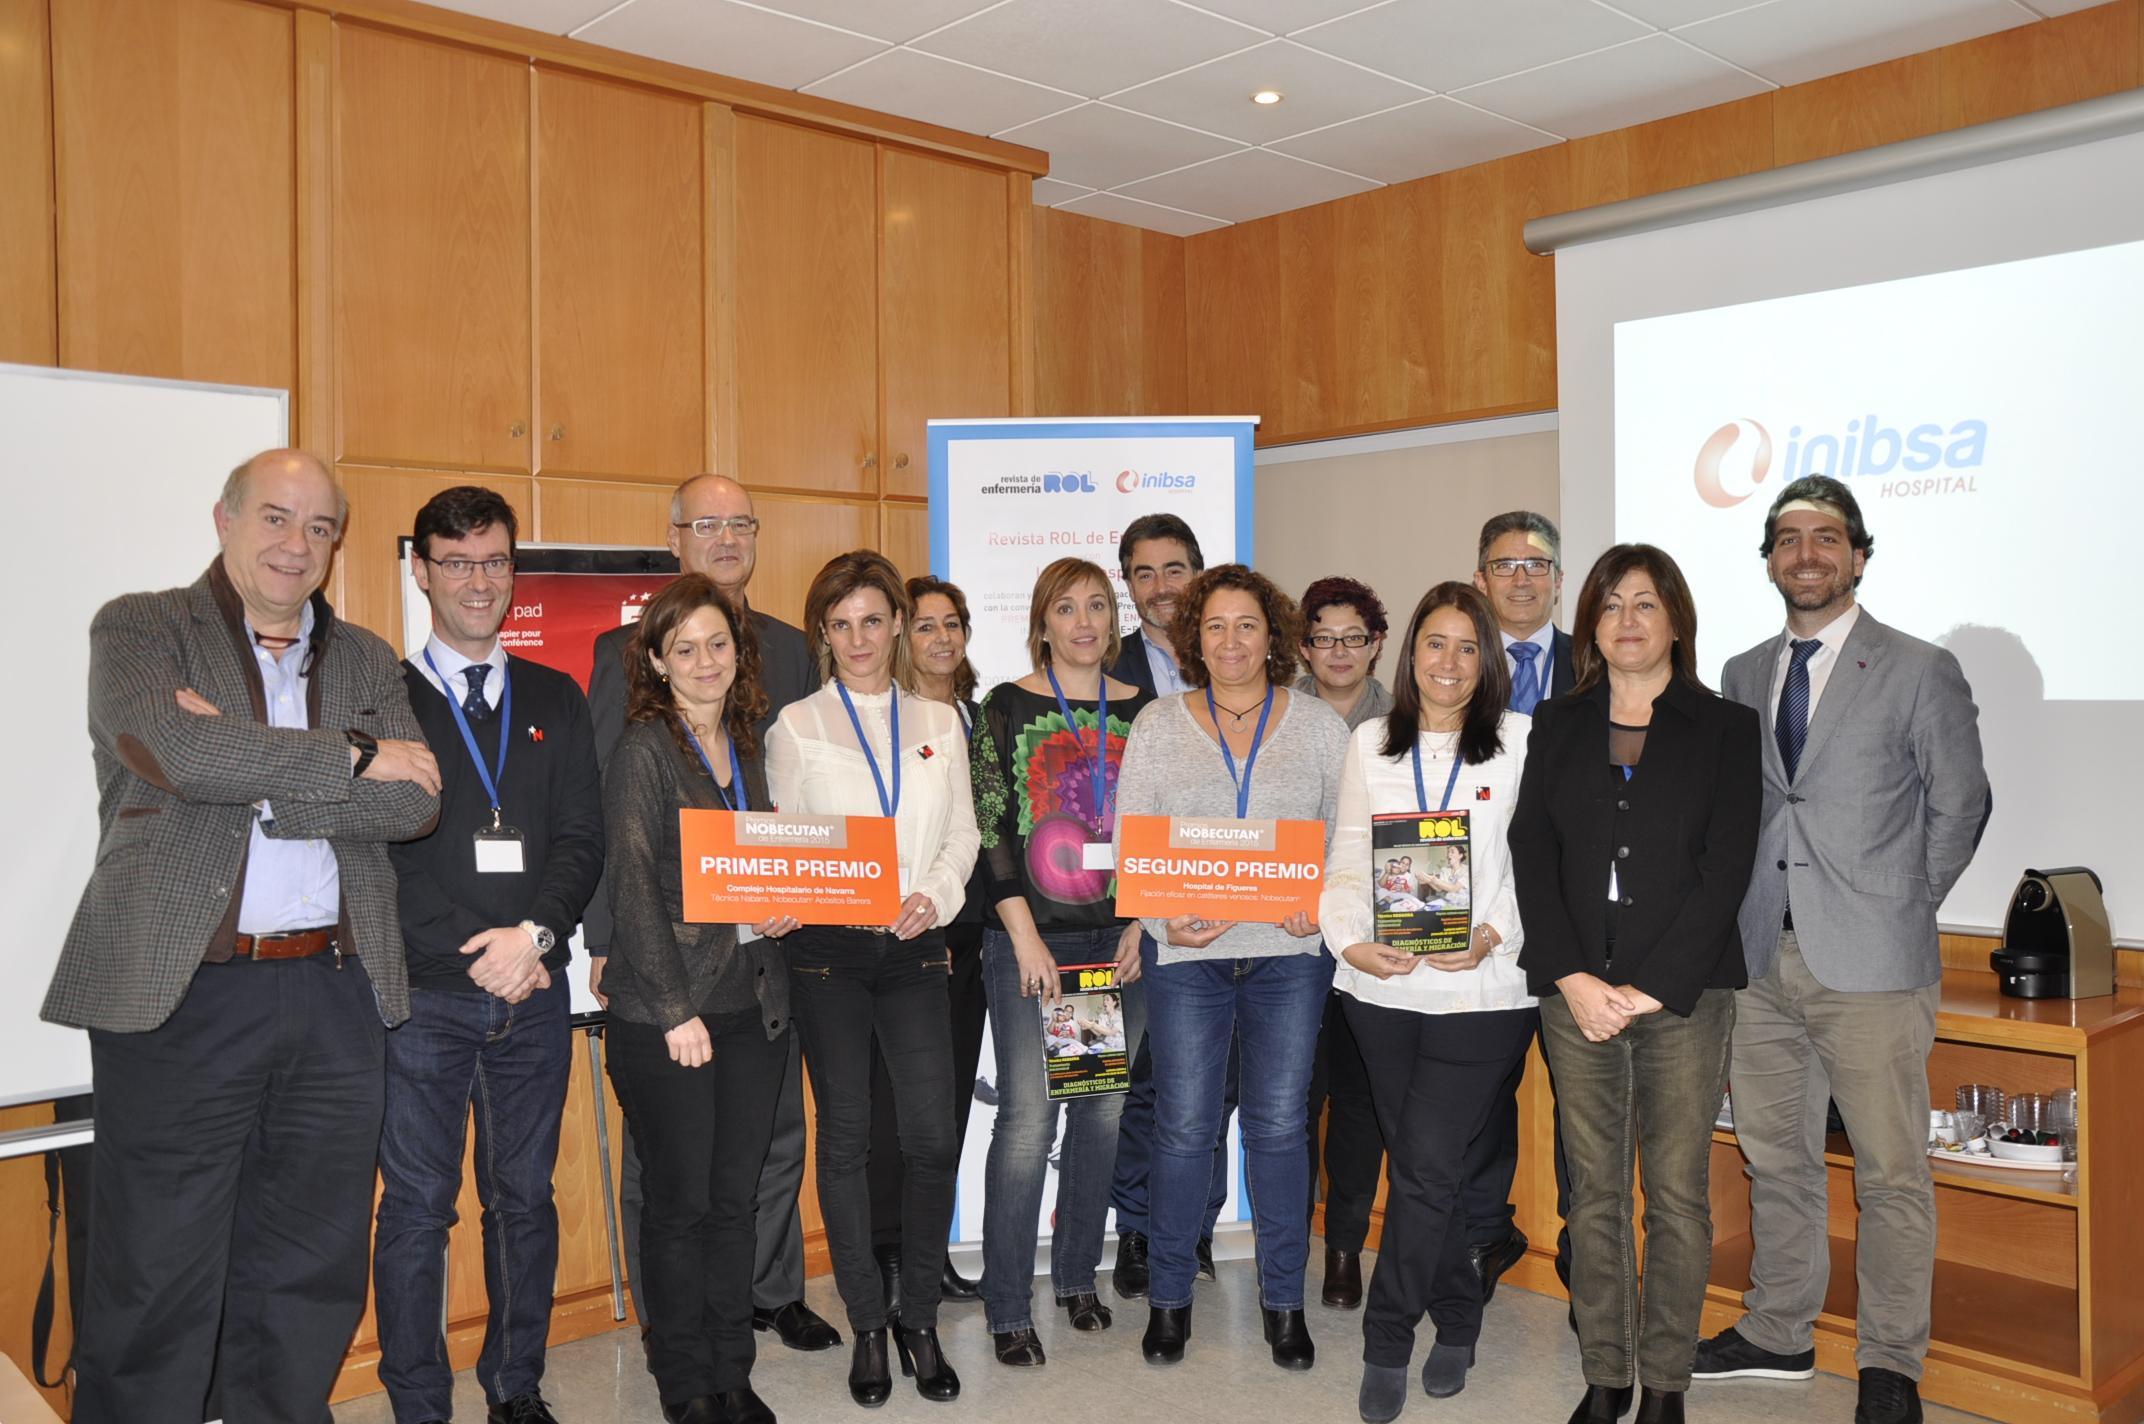 """Professionals d'infermeria de Navarra i de Figueres, guardonats amb els """"Premis Nobecutan® 2015"""""""